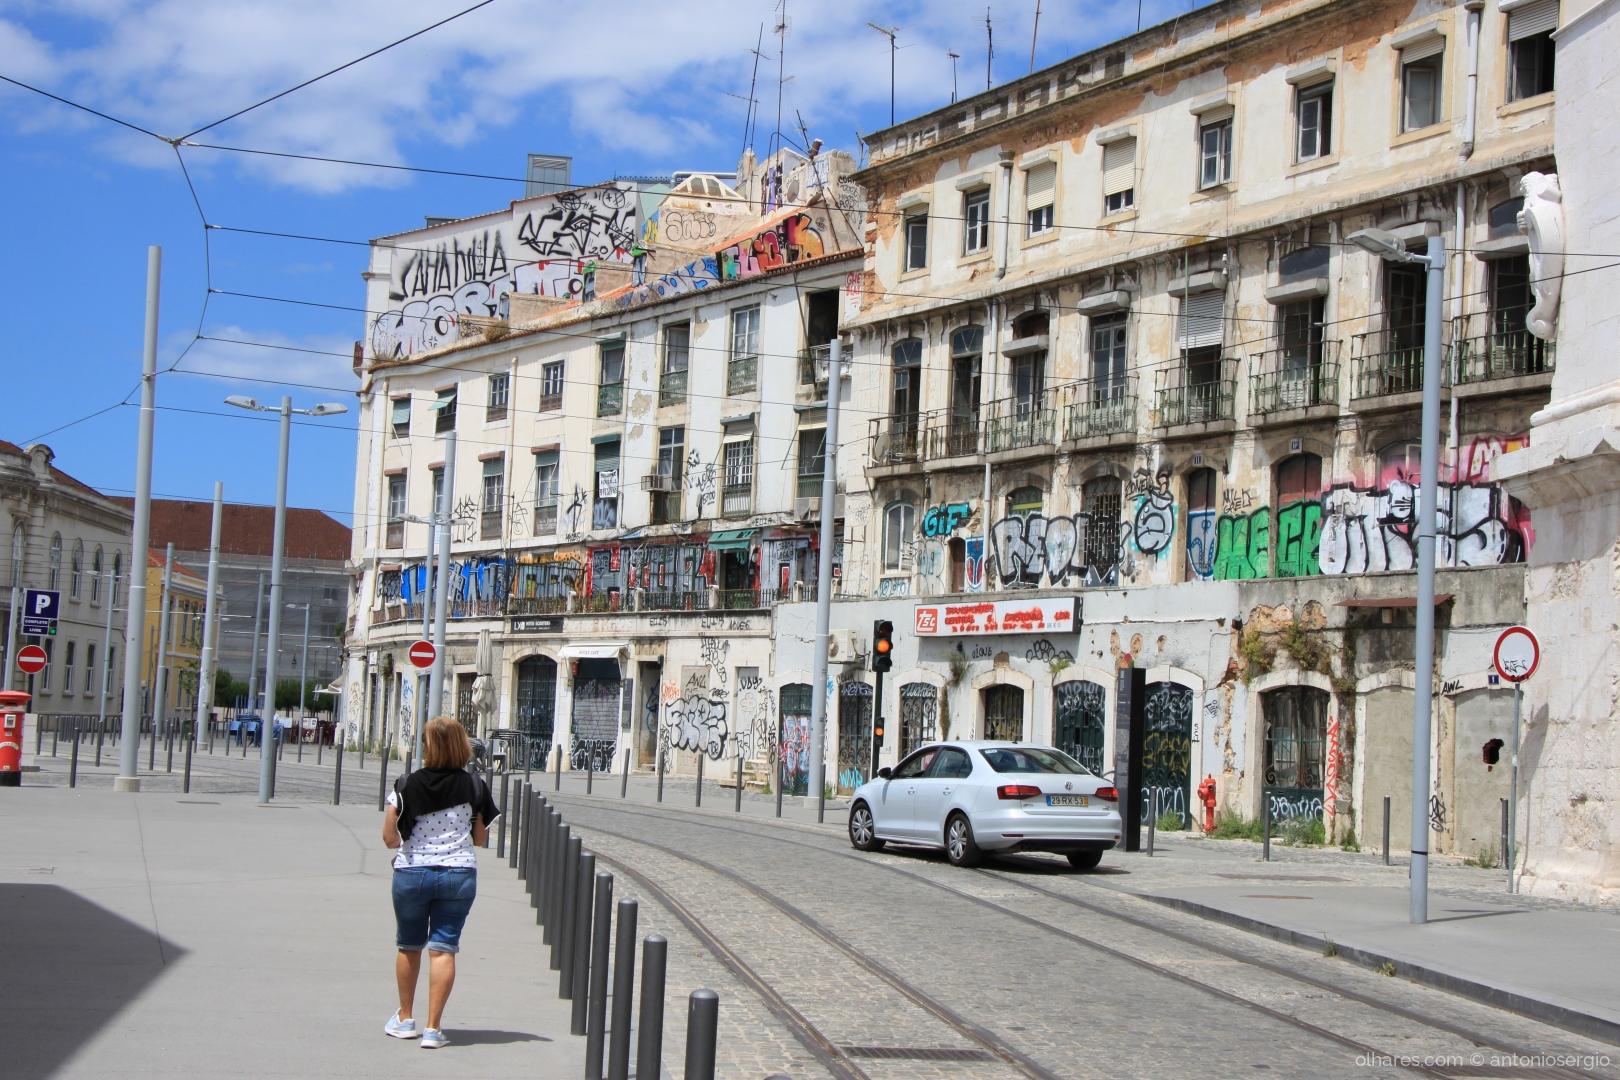 Paisagem Urbana/Degradação urbana